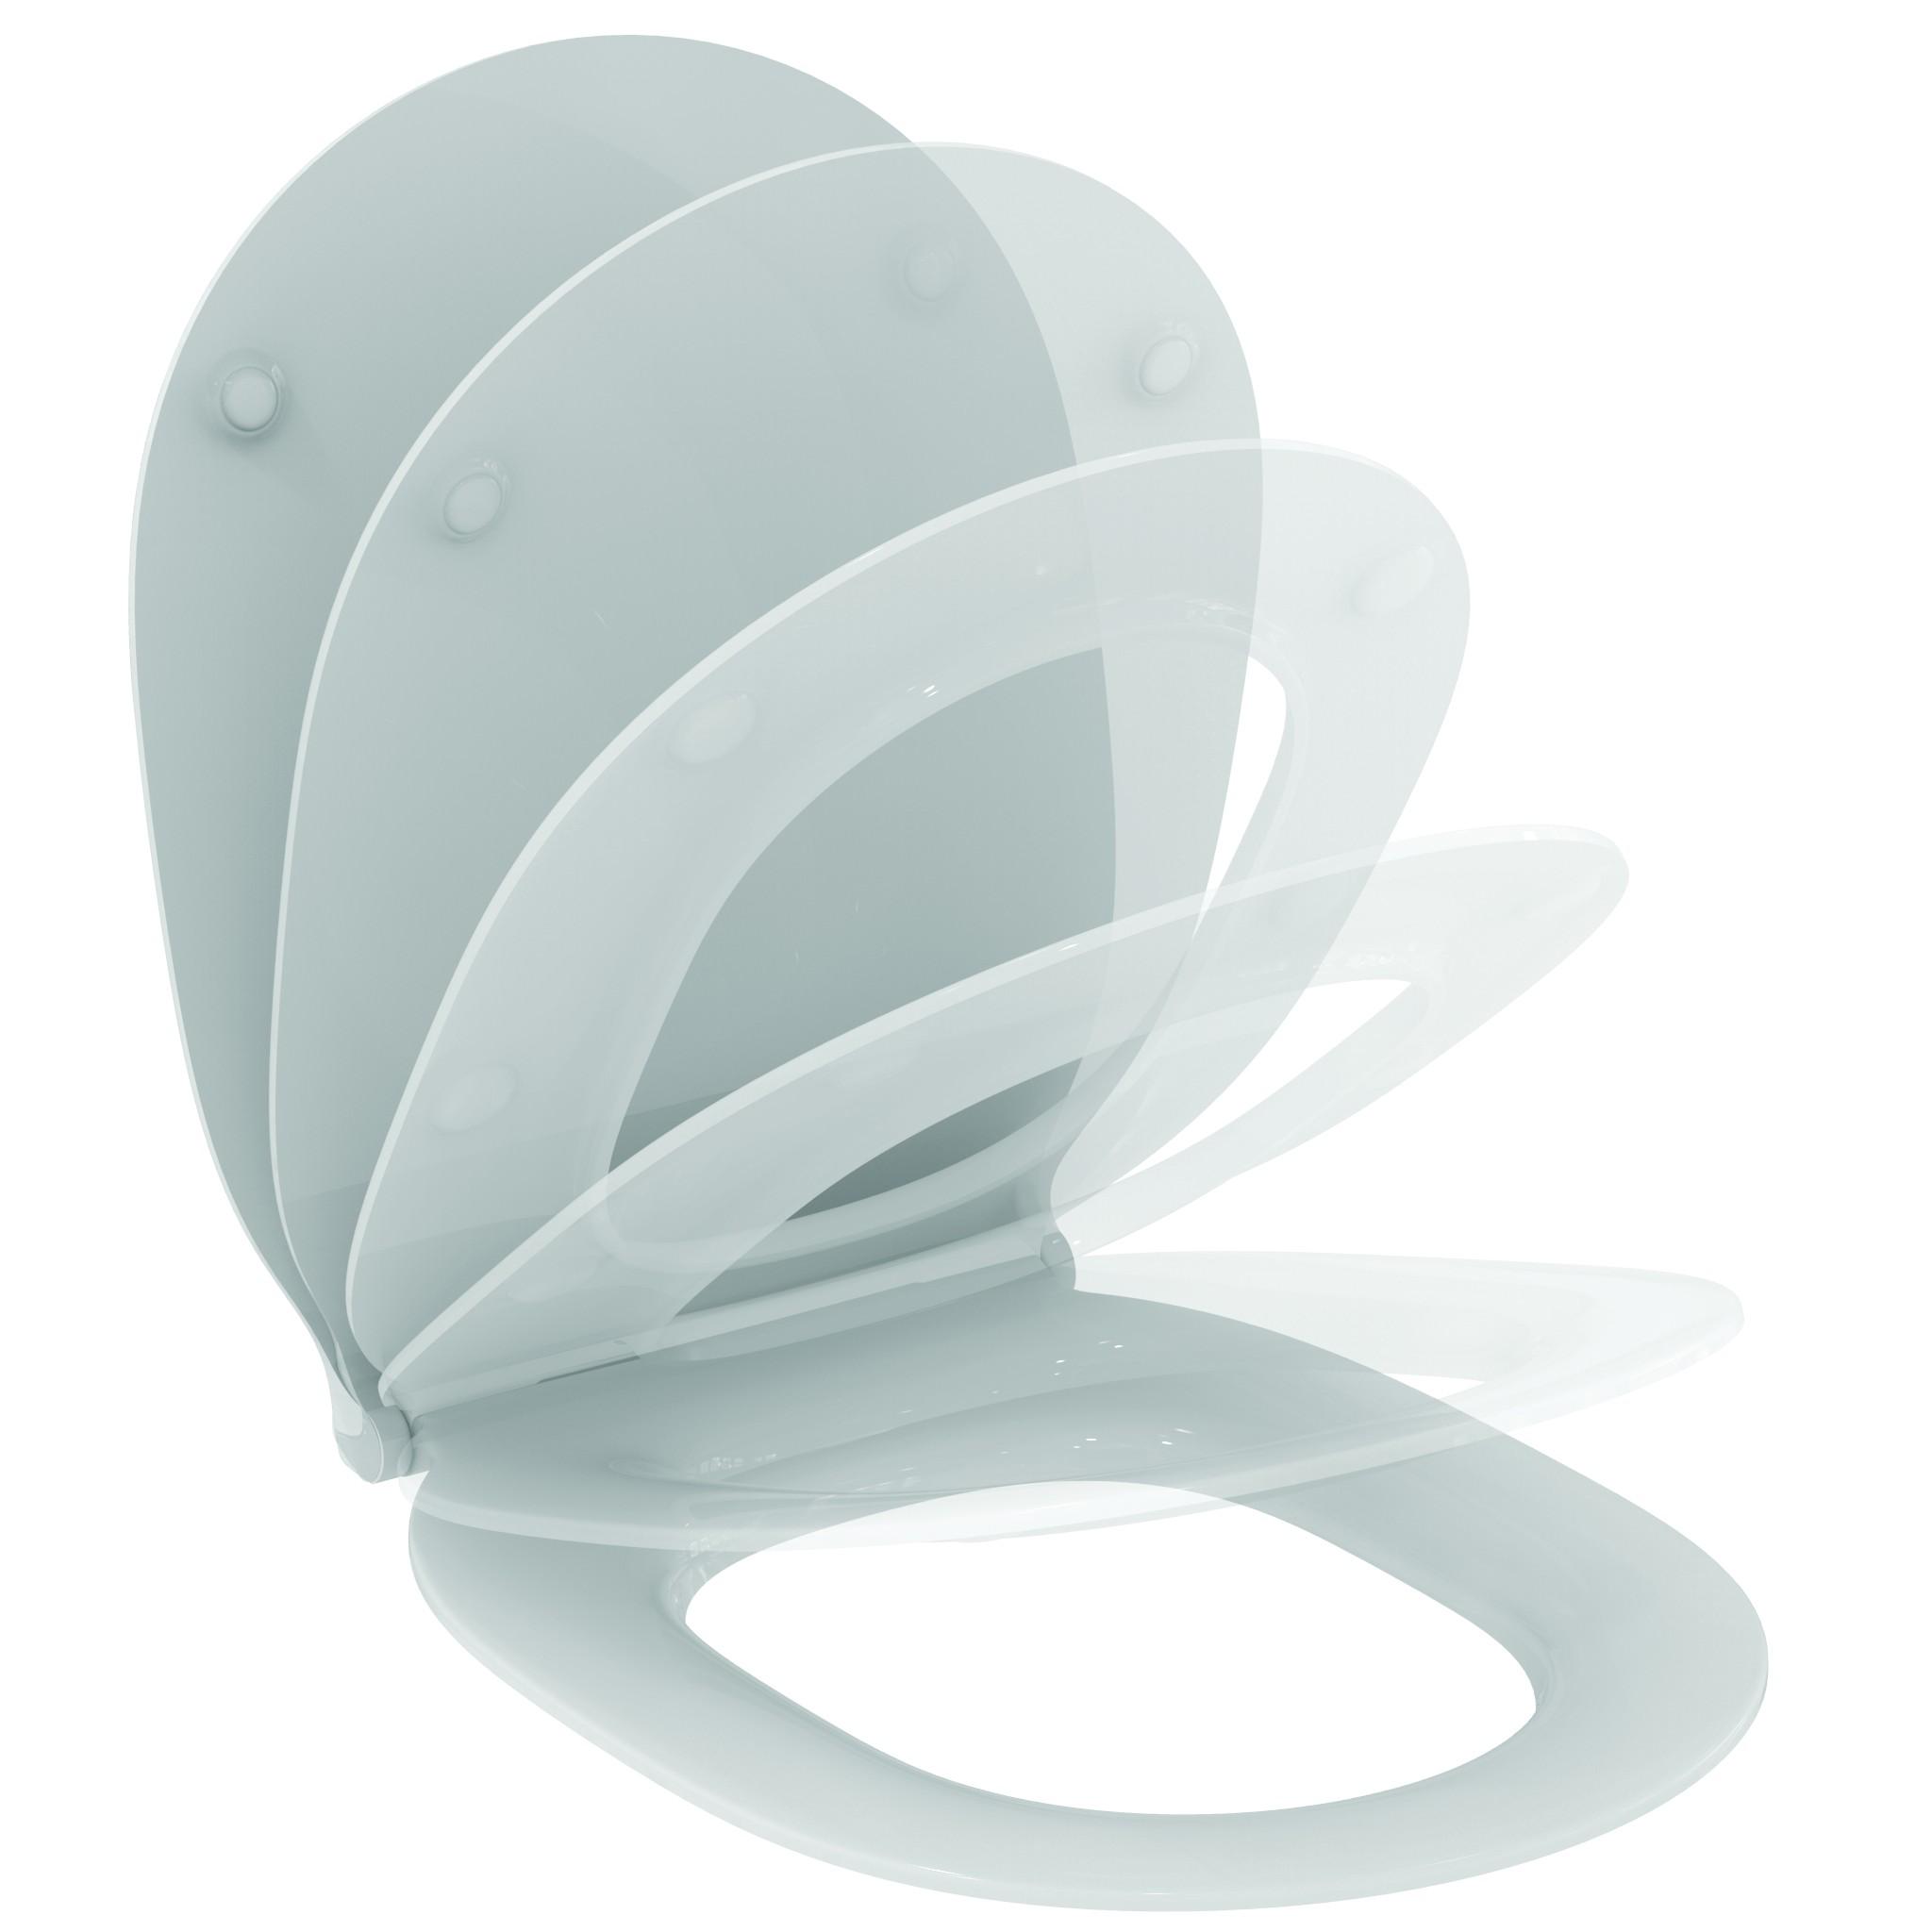 Capac WC Ideal Standard Thin slim cu inchidere lenta pentru Connect Air imagine